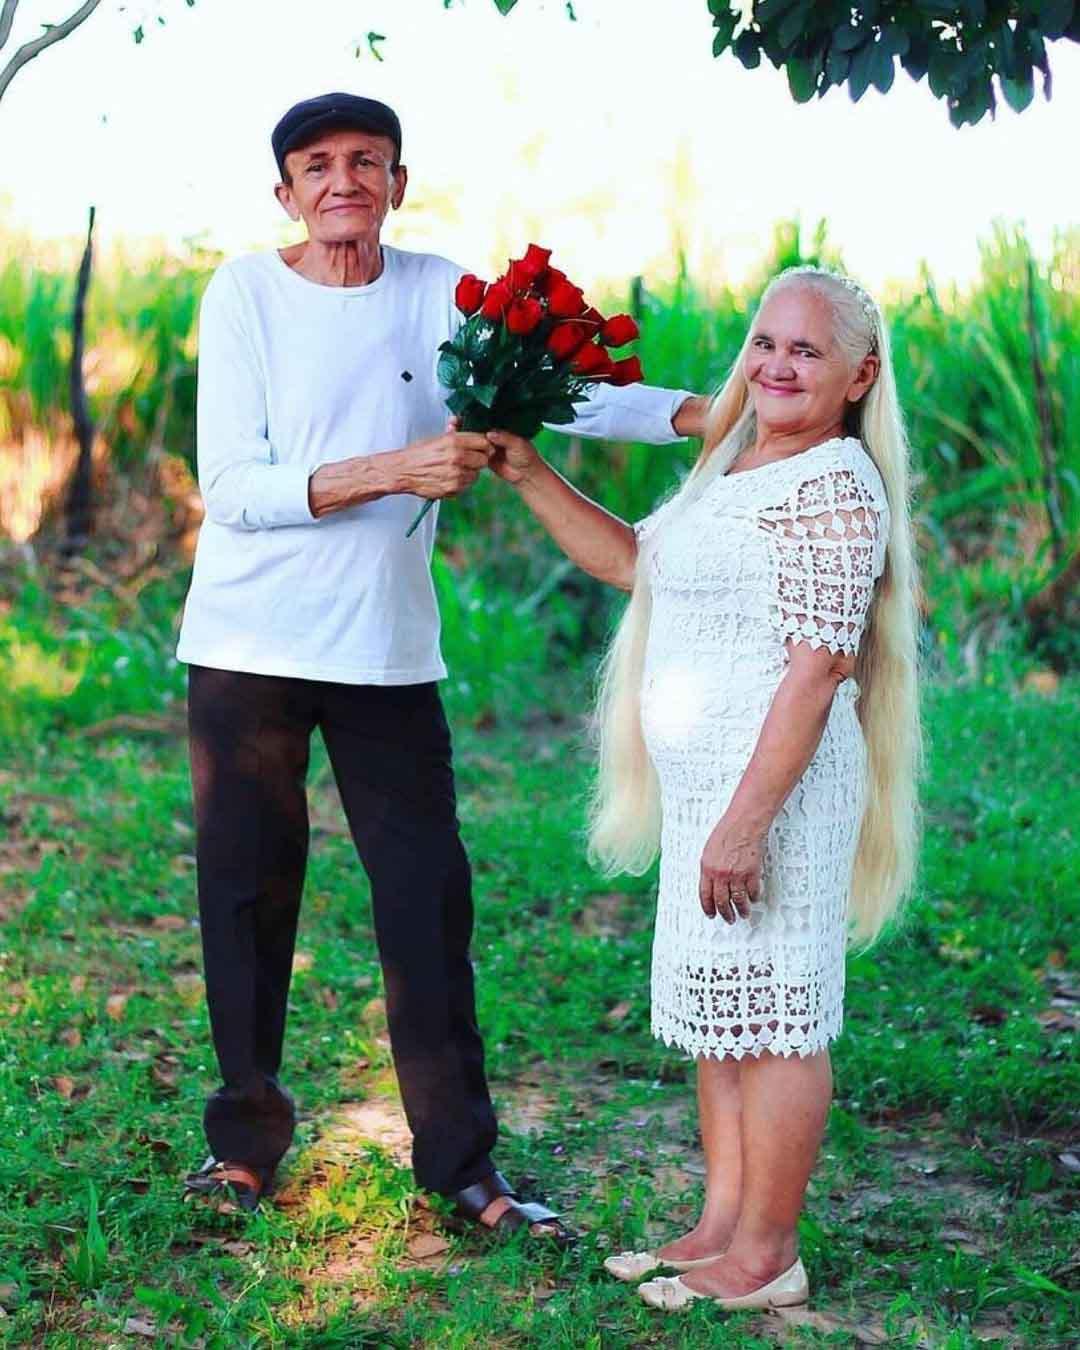 ensaio comemoração 50 anos casados idosos